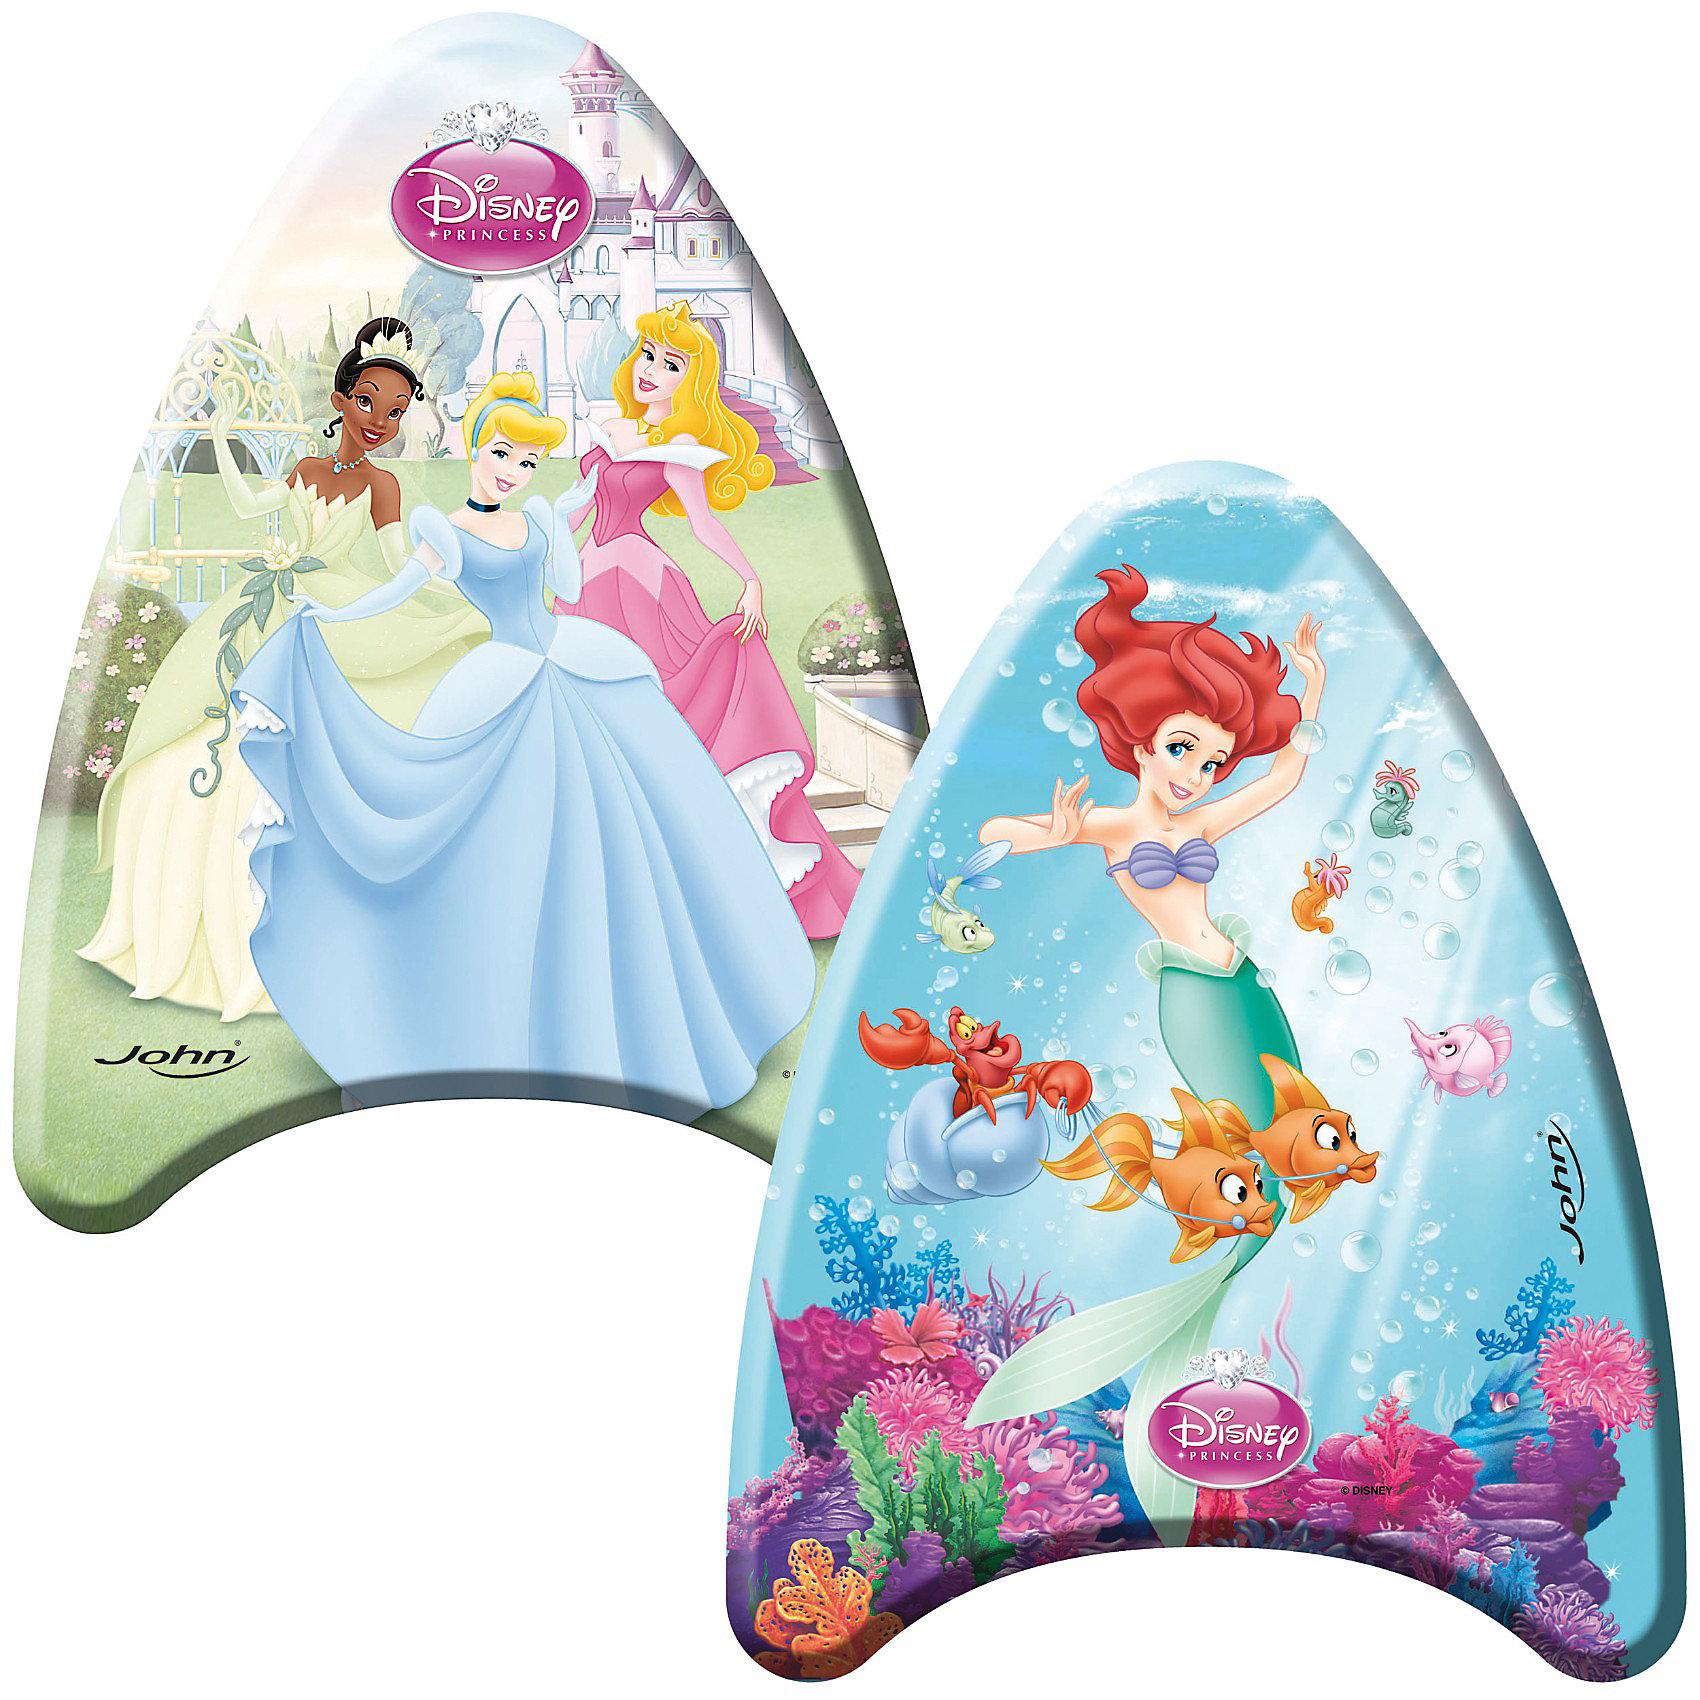 Доска для плавания ПринцессыДоска для плавания с изображением героев мультфильма Disney Princess  прекрасно подойдет для обучения плаванию Вашего ребенка. <br> Доска для плавания имеет яркий дизайн и небольшой вес. Ребенок без труда сможет удерживаться на плоскости, а форма доски не позволит ему опрокинуться. <br>Размер: 43 см.  Состав: полимерные материалы. <br><br> Внимание! <br> Не является спасательным средством! Использовать только под наблюдением опытного инструктора и при непосредственном участии родителей!<br><br>Ширина мм: 432<br>Глубина мм: 322<br>Высота мм: 43<br>Вес г: 78<br>Возраст от месяцев: 36<br>Возраст до месяцев: 96<br>Пол: Женский<br>Возраст: Детский<br>SKU: 1994187